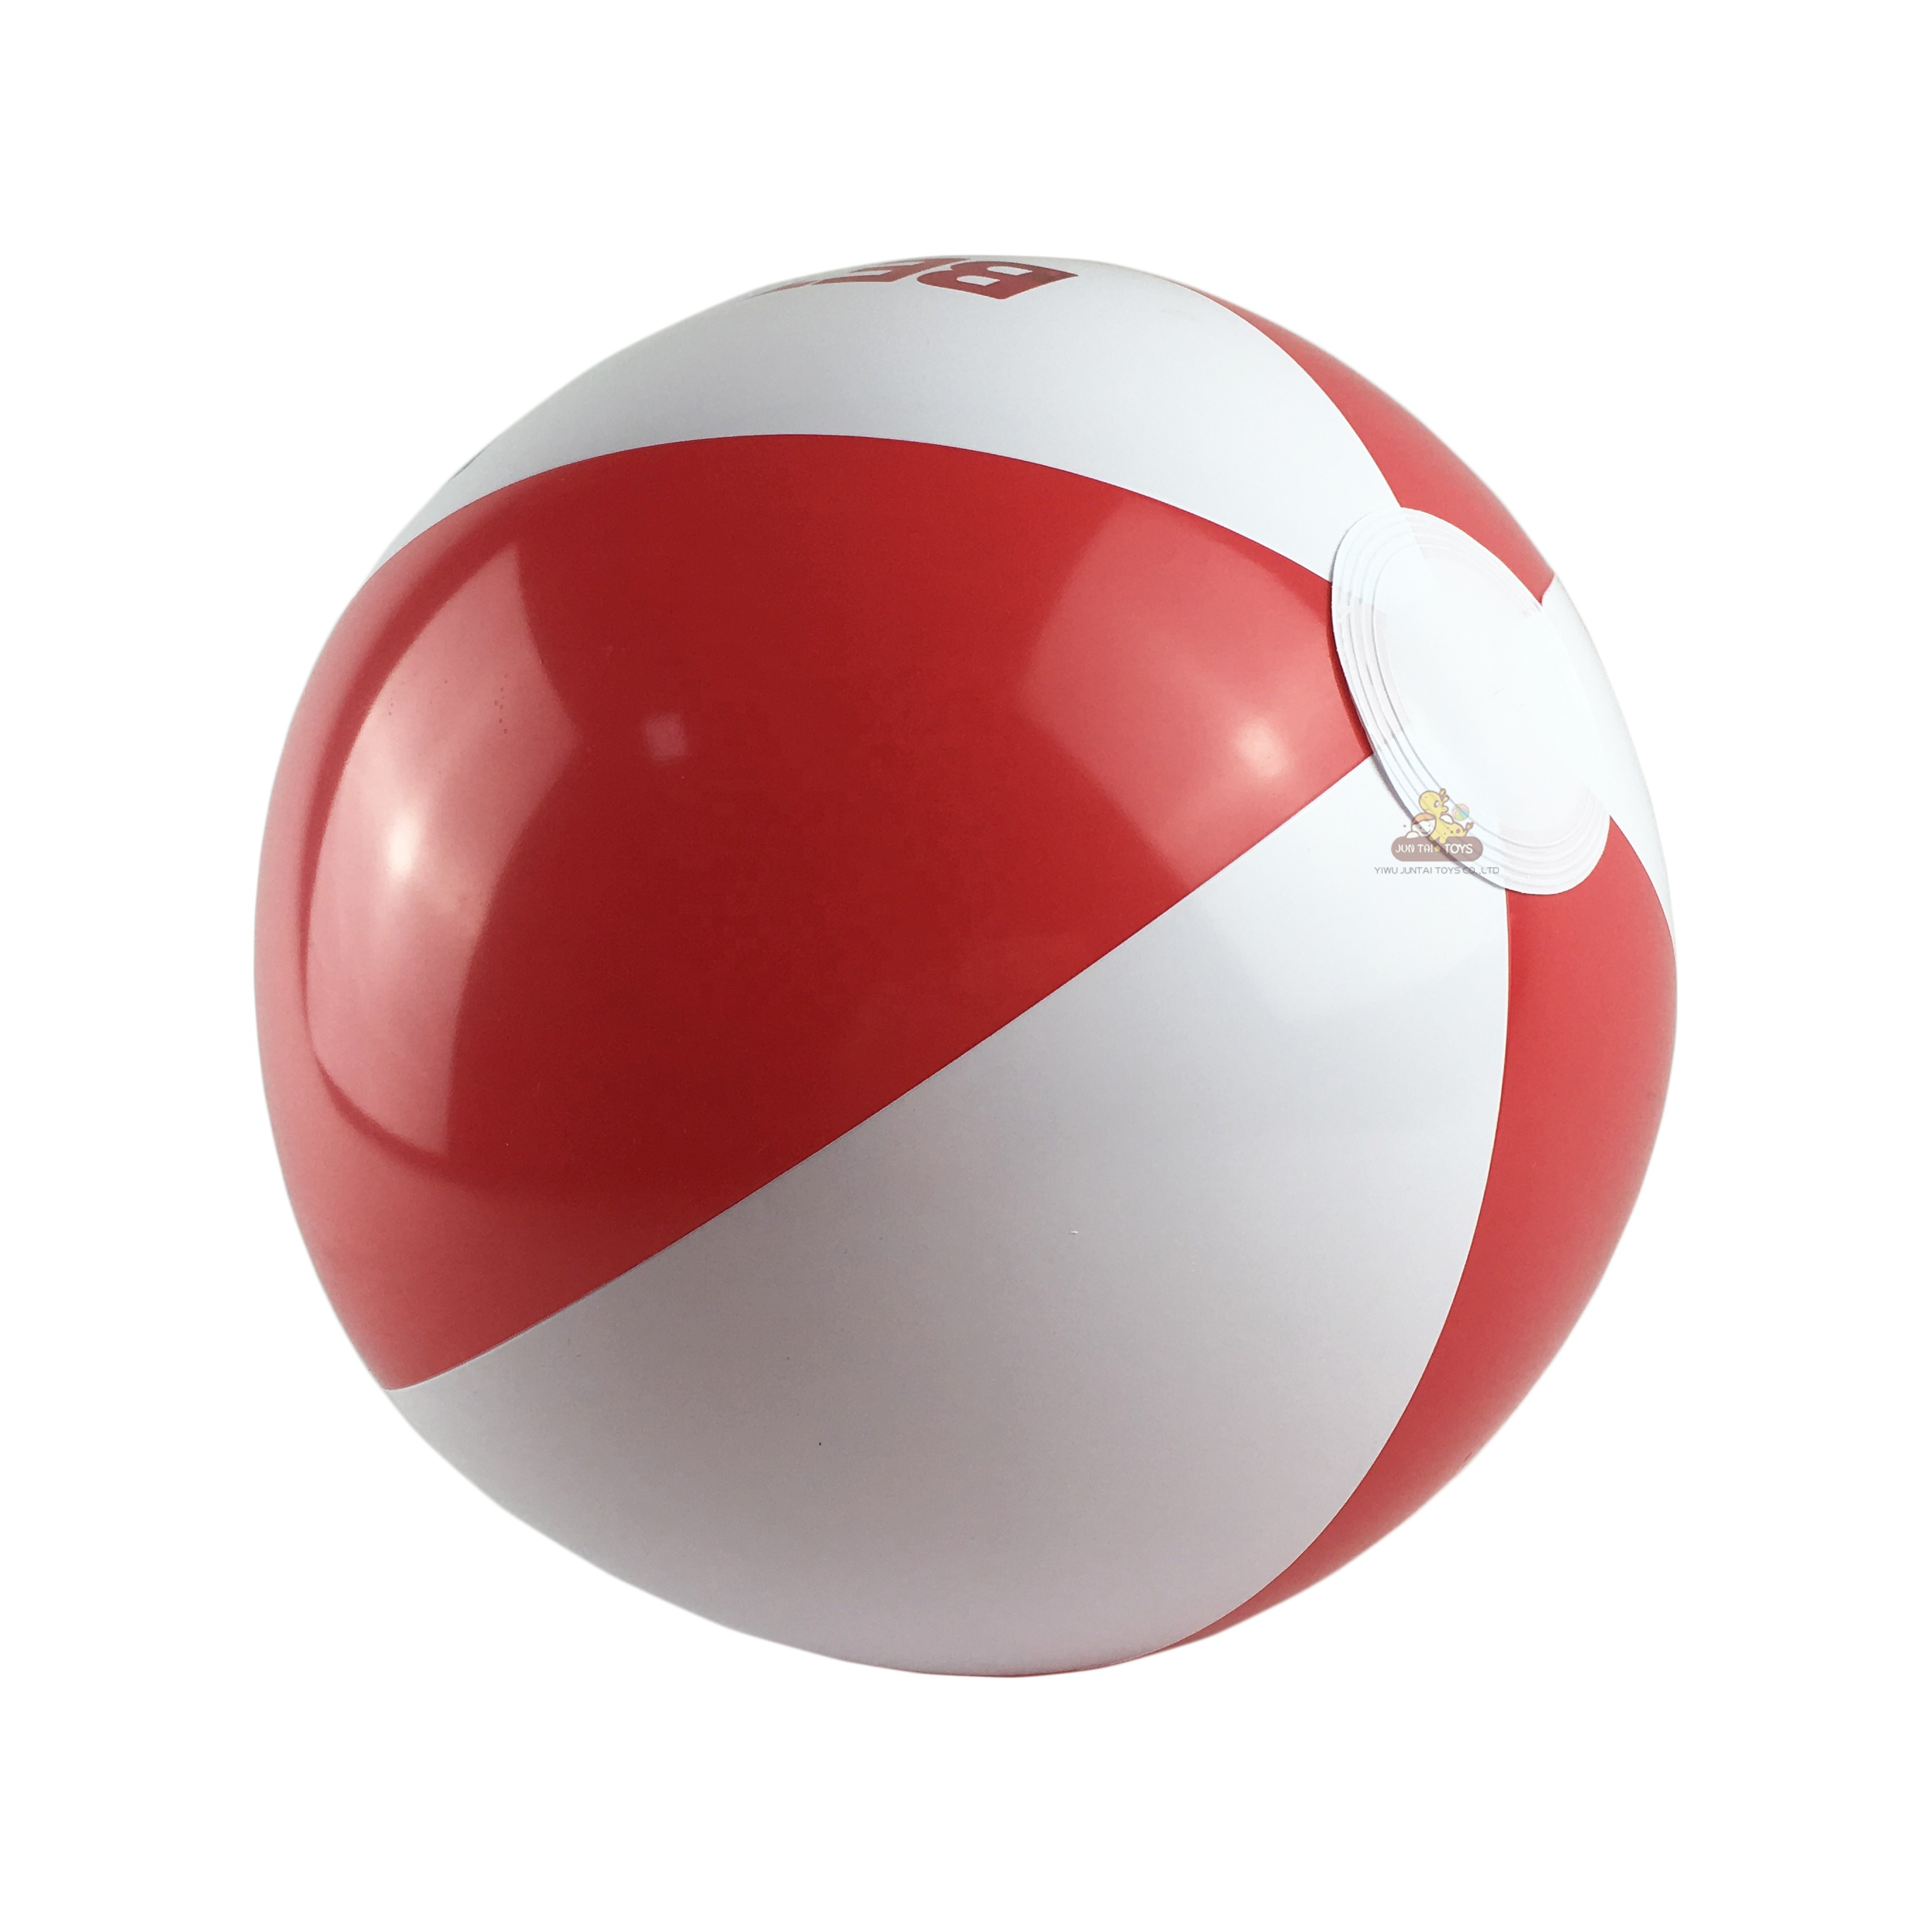 Pms Beach Ball Suppliers